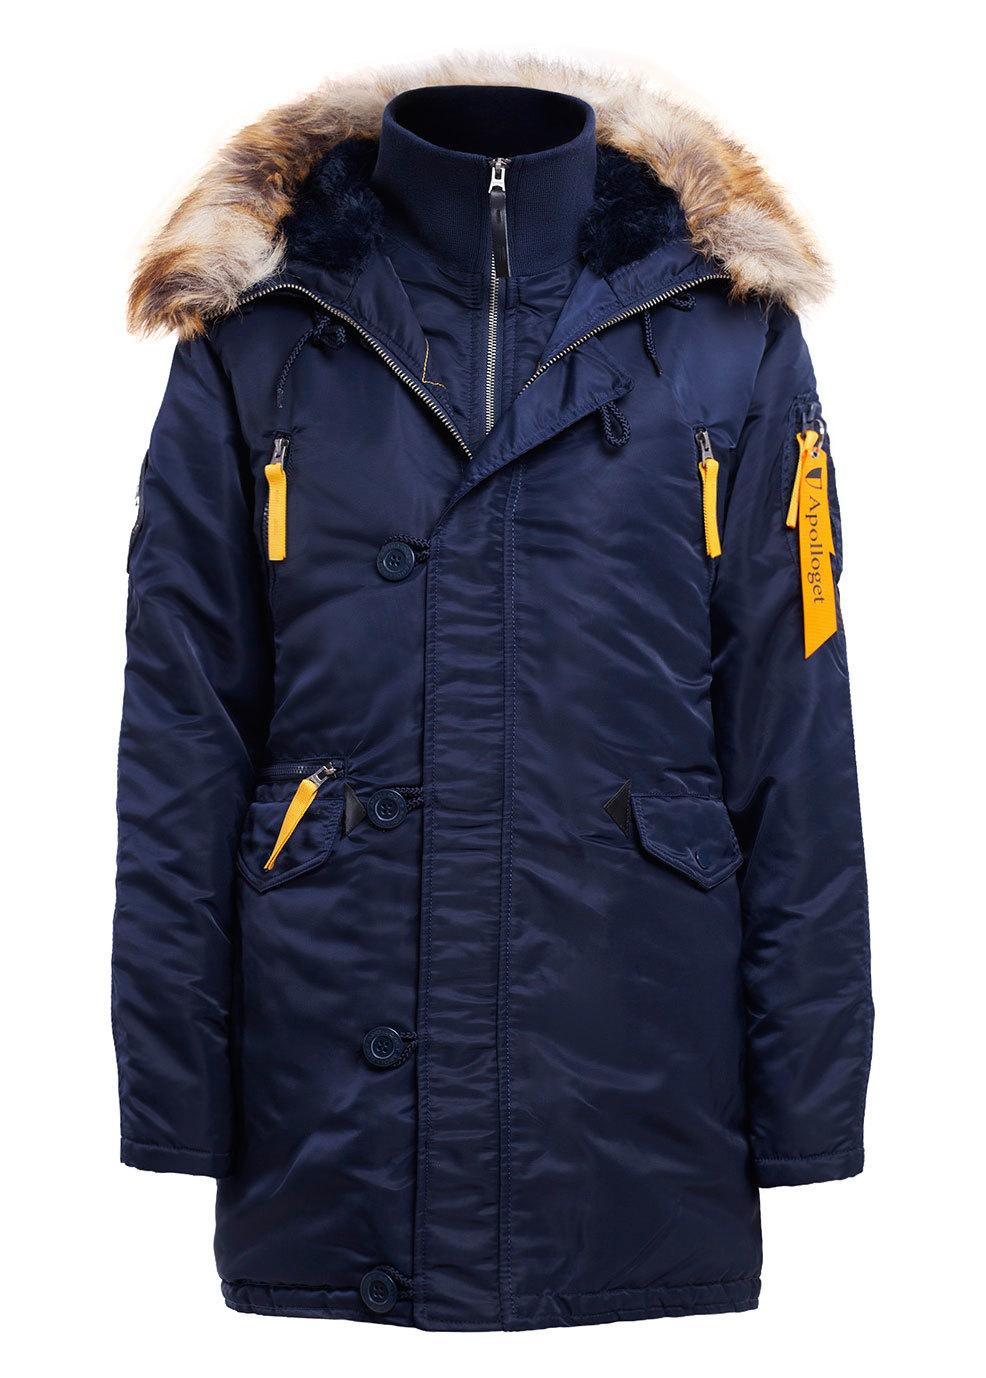 Куртка Аляска Женская - Apolloget Alaska Wmn (т.синяя/желтая - r.blue/yellow)